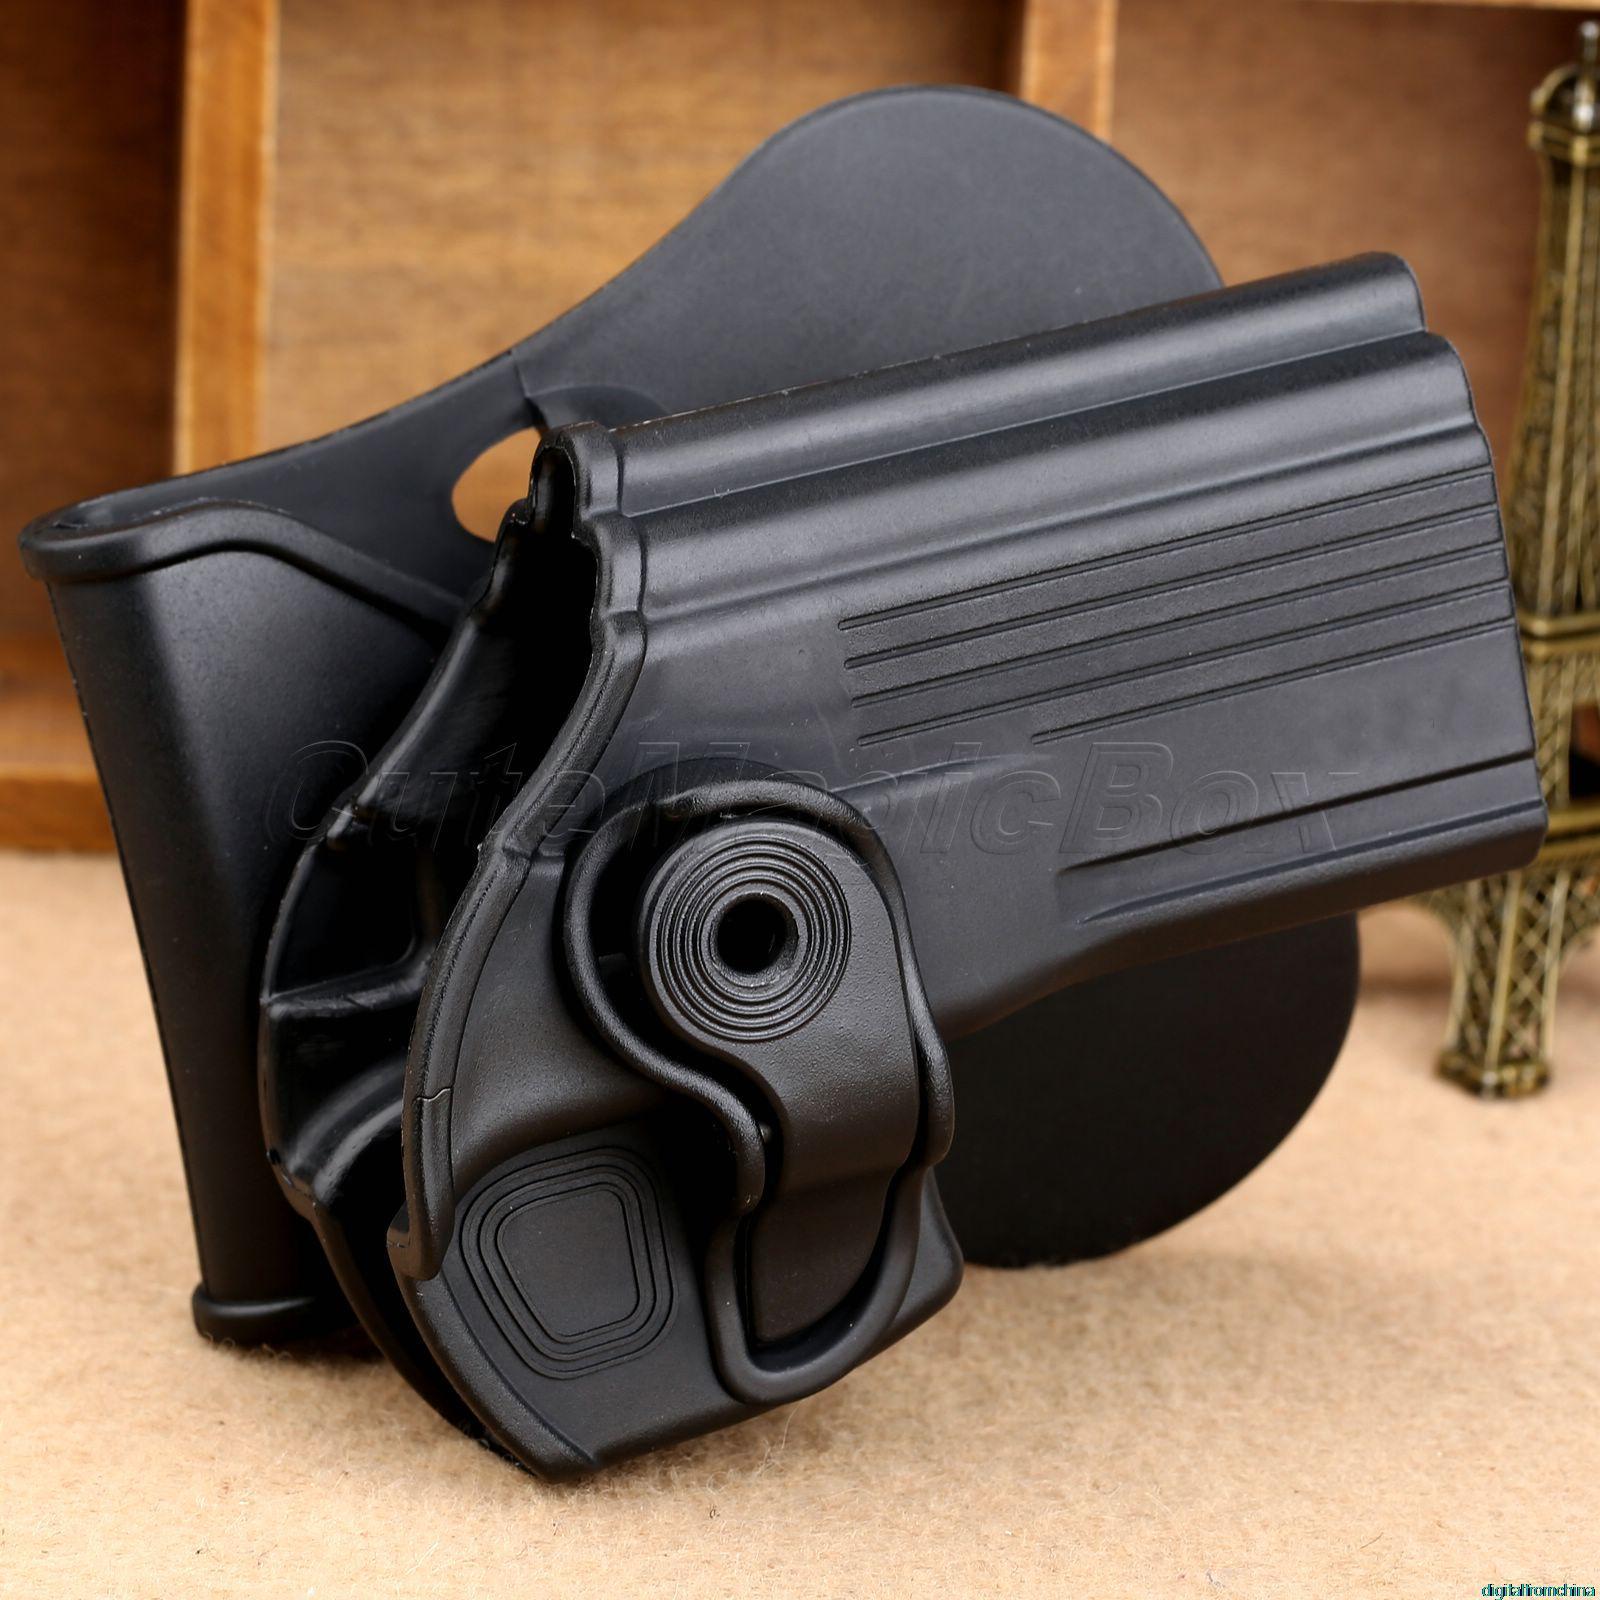 Цена за Черный Тактический Правша Кобуры Пистолет Кобура Чехол для Тельца 24/7 Телец 24/7 OSS Пистолет Бесплатная Доставка